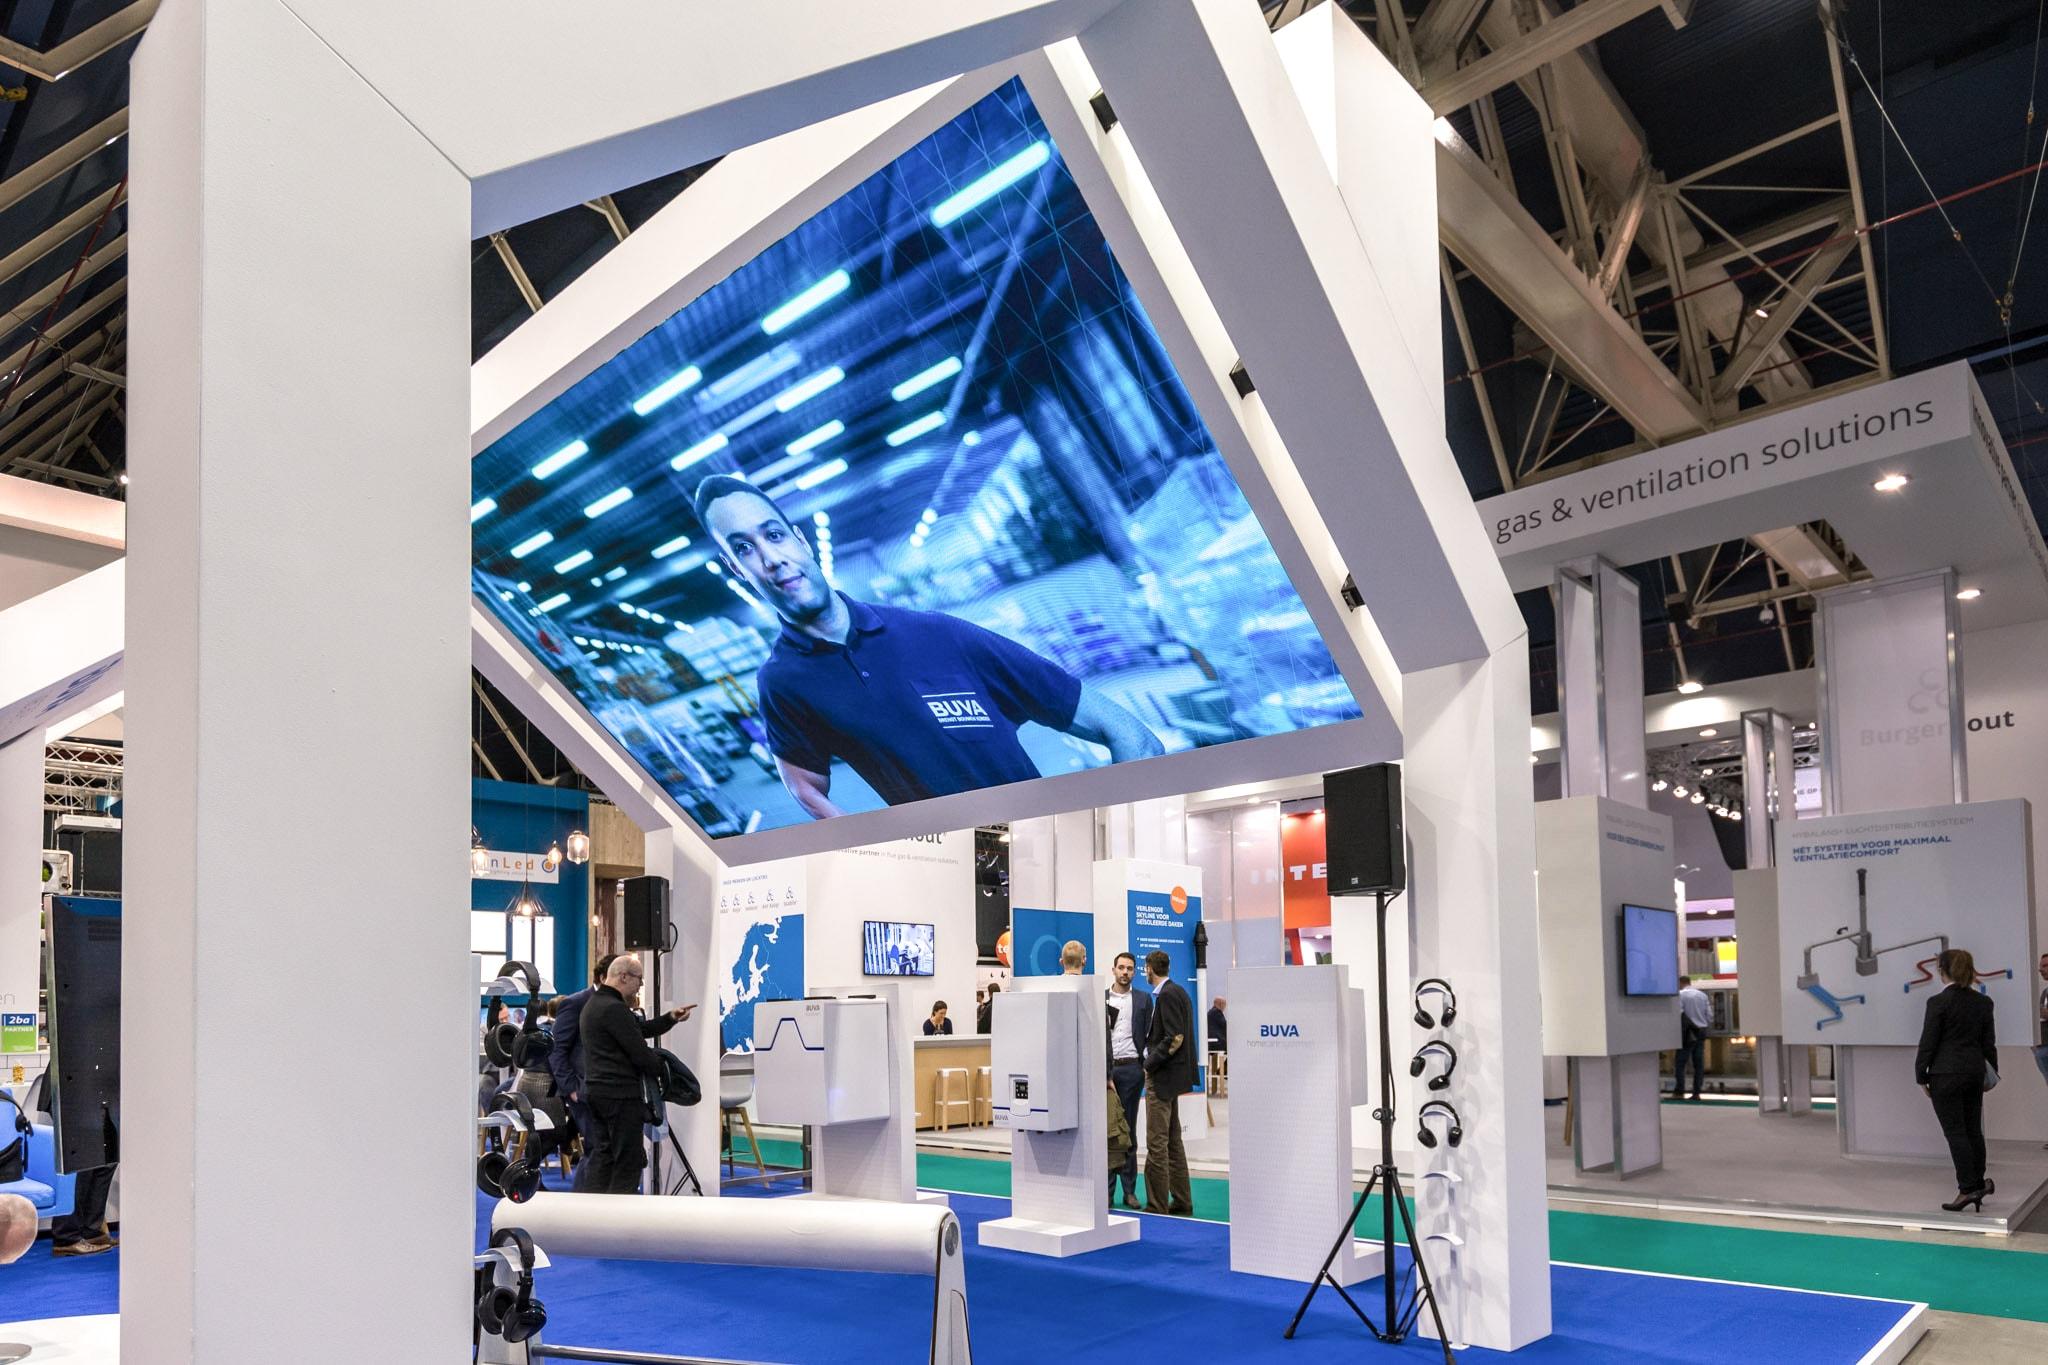 BUVA interactive stand display